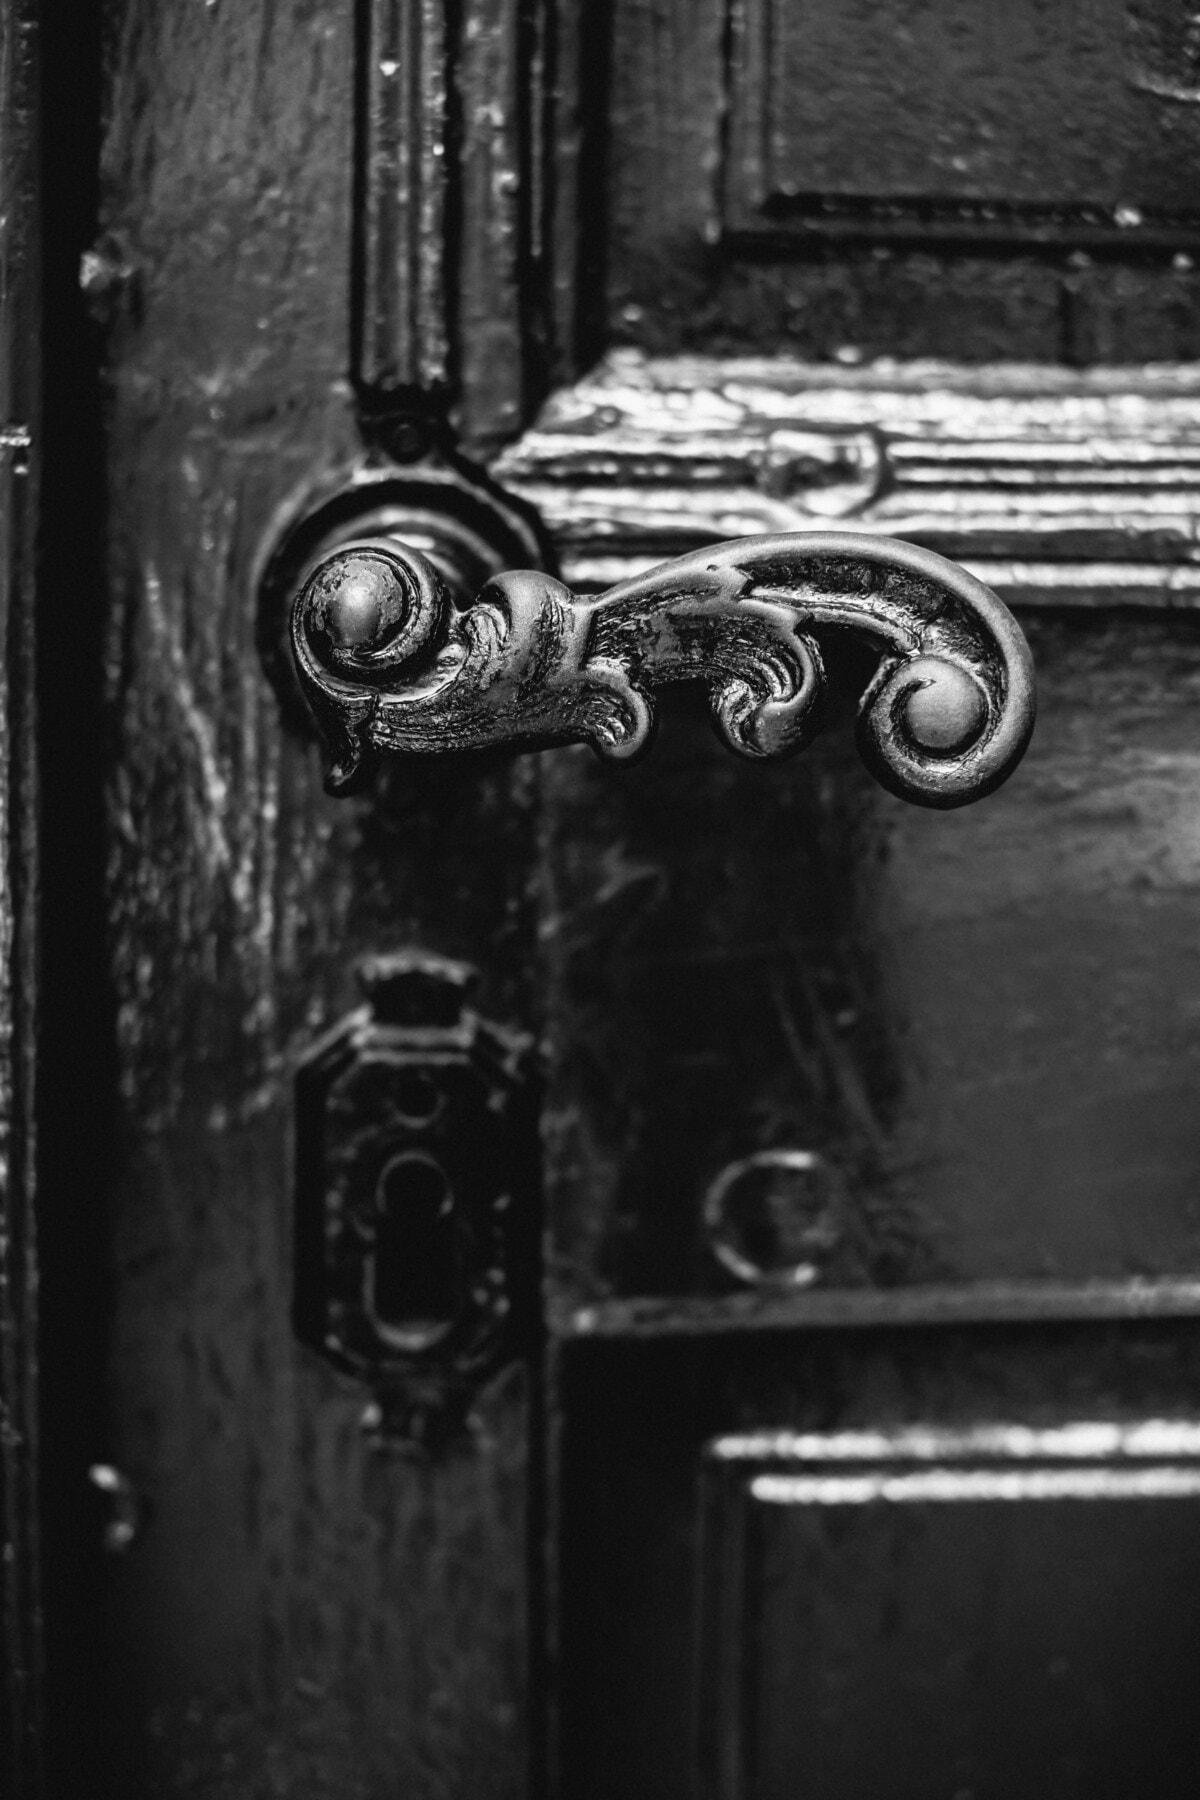 fermer, fer de fonte, noir et blanc, porte d'entrée, Metal, serrure, unité, vieux, Porte, loquet